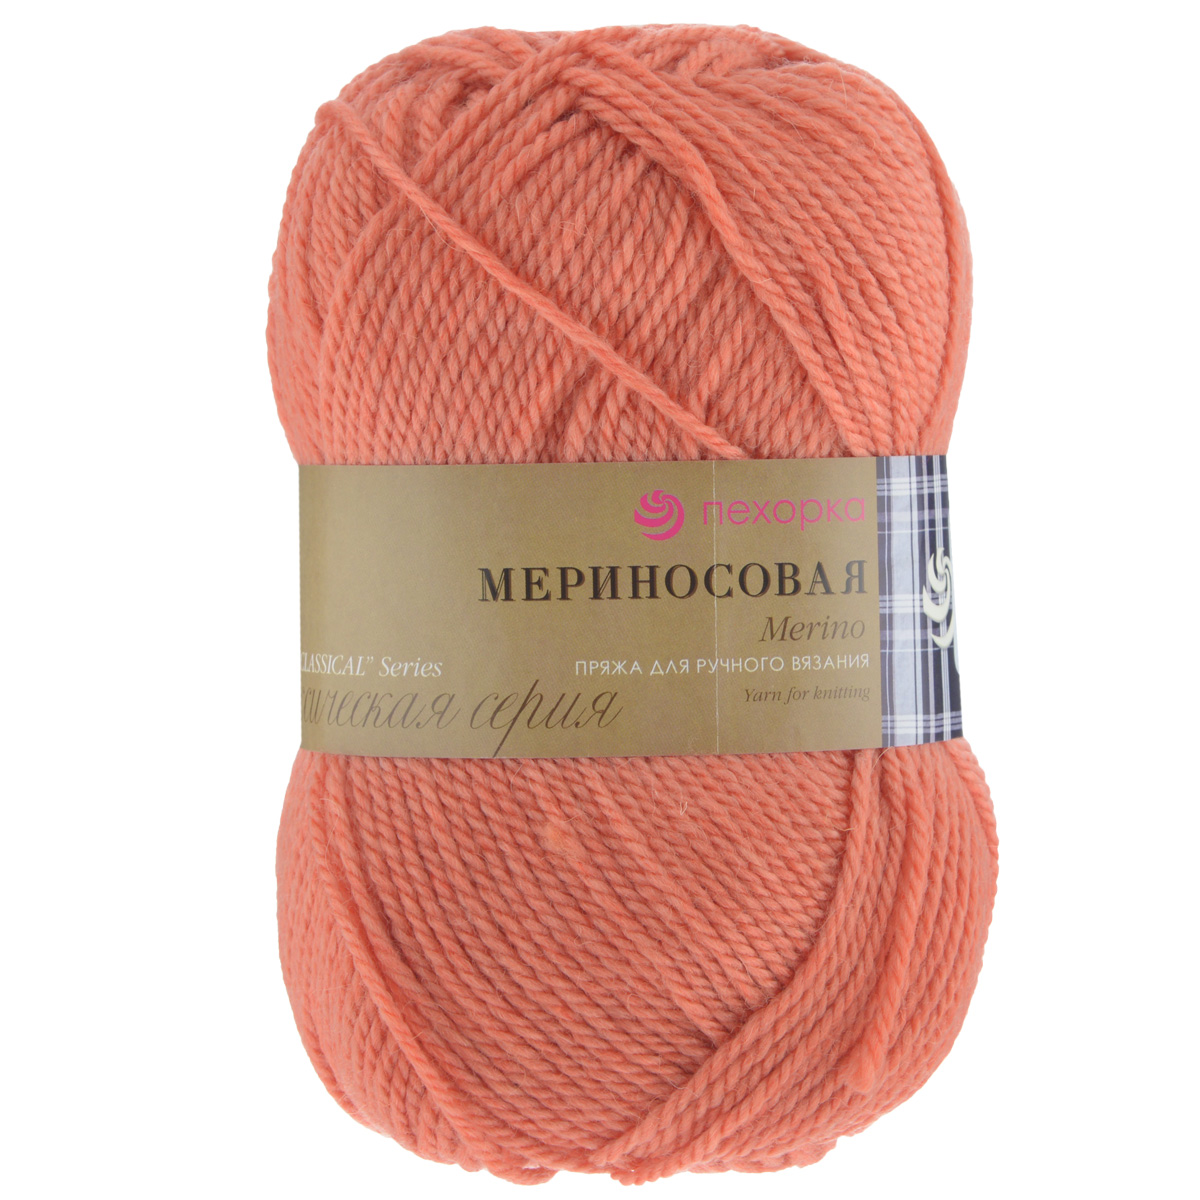 Пряжа для вязания Пехорка Мериносовая, цвет: настурция (396), 200 м, 100 г, 10 шт пряжа для вязания пехорка мериносовая цвет изумрудный 335 200 м 100 г 10 шт